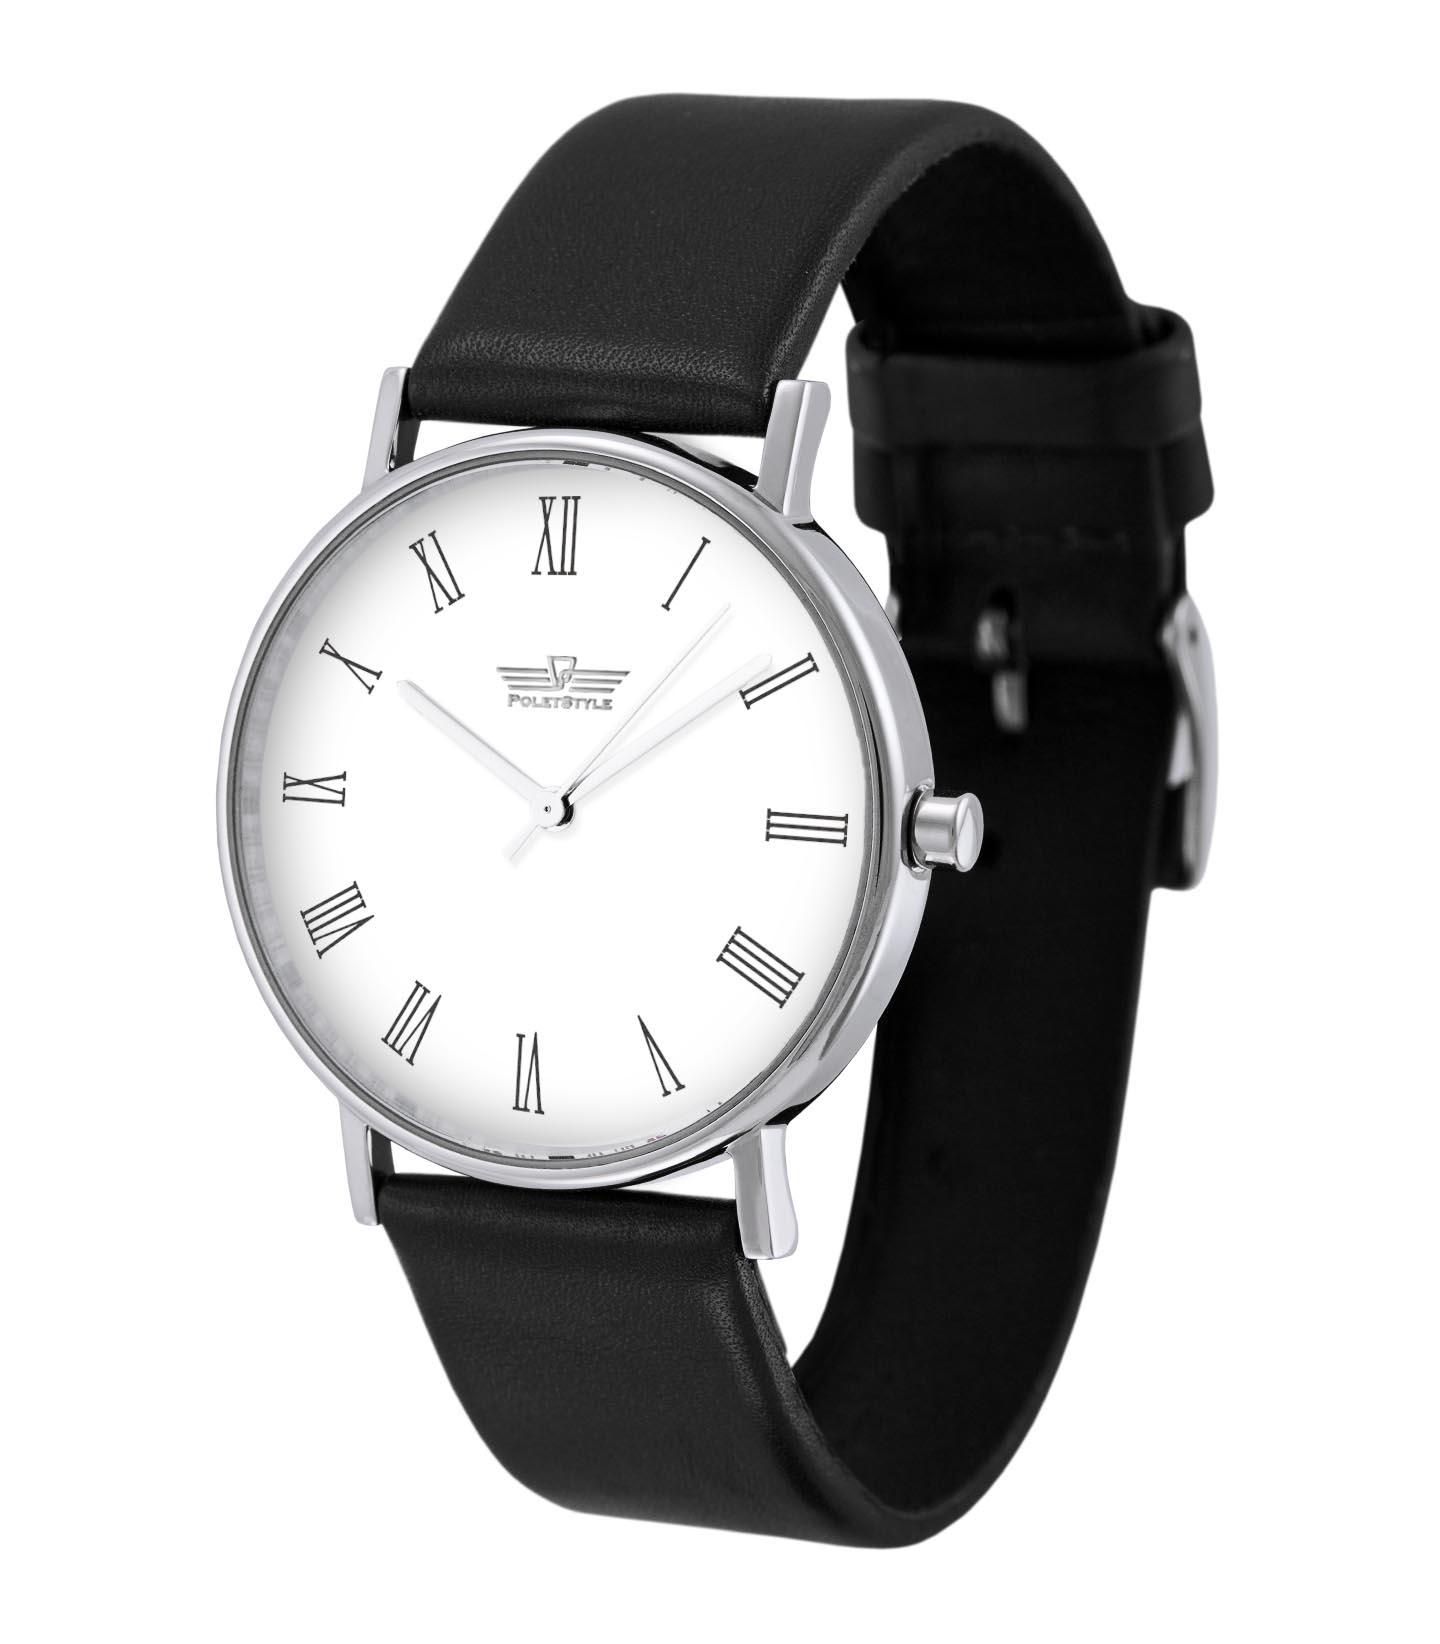 Купить наручные часы в рязани